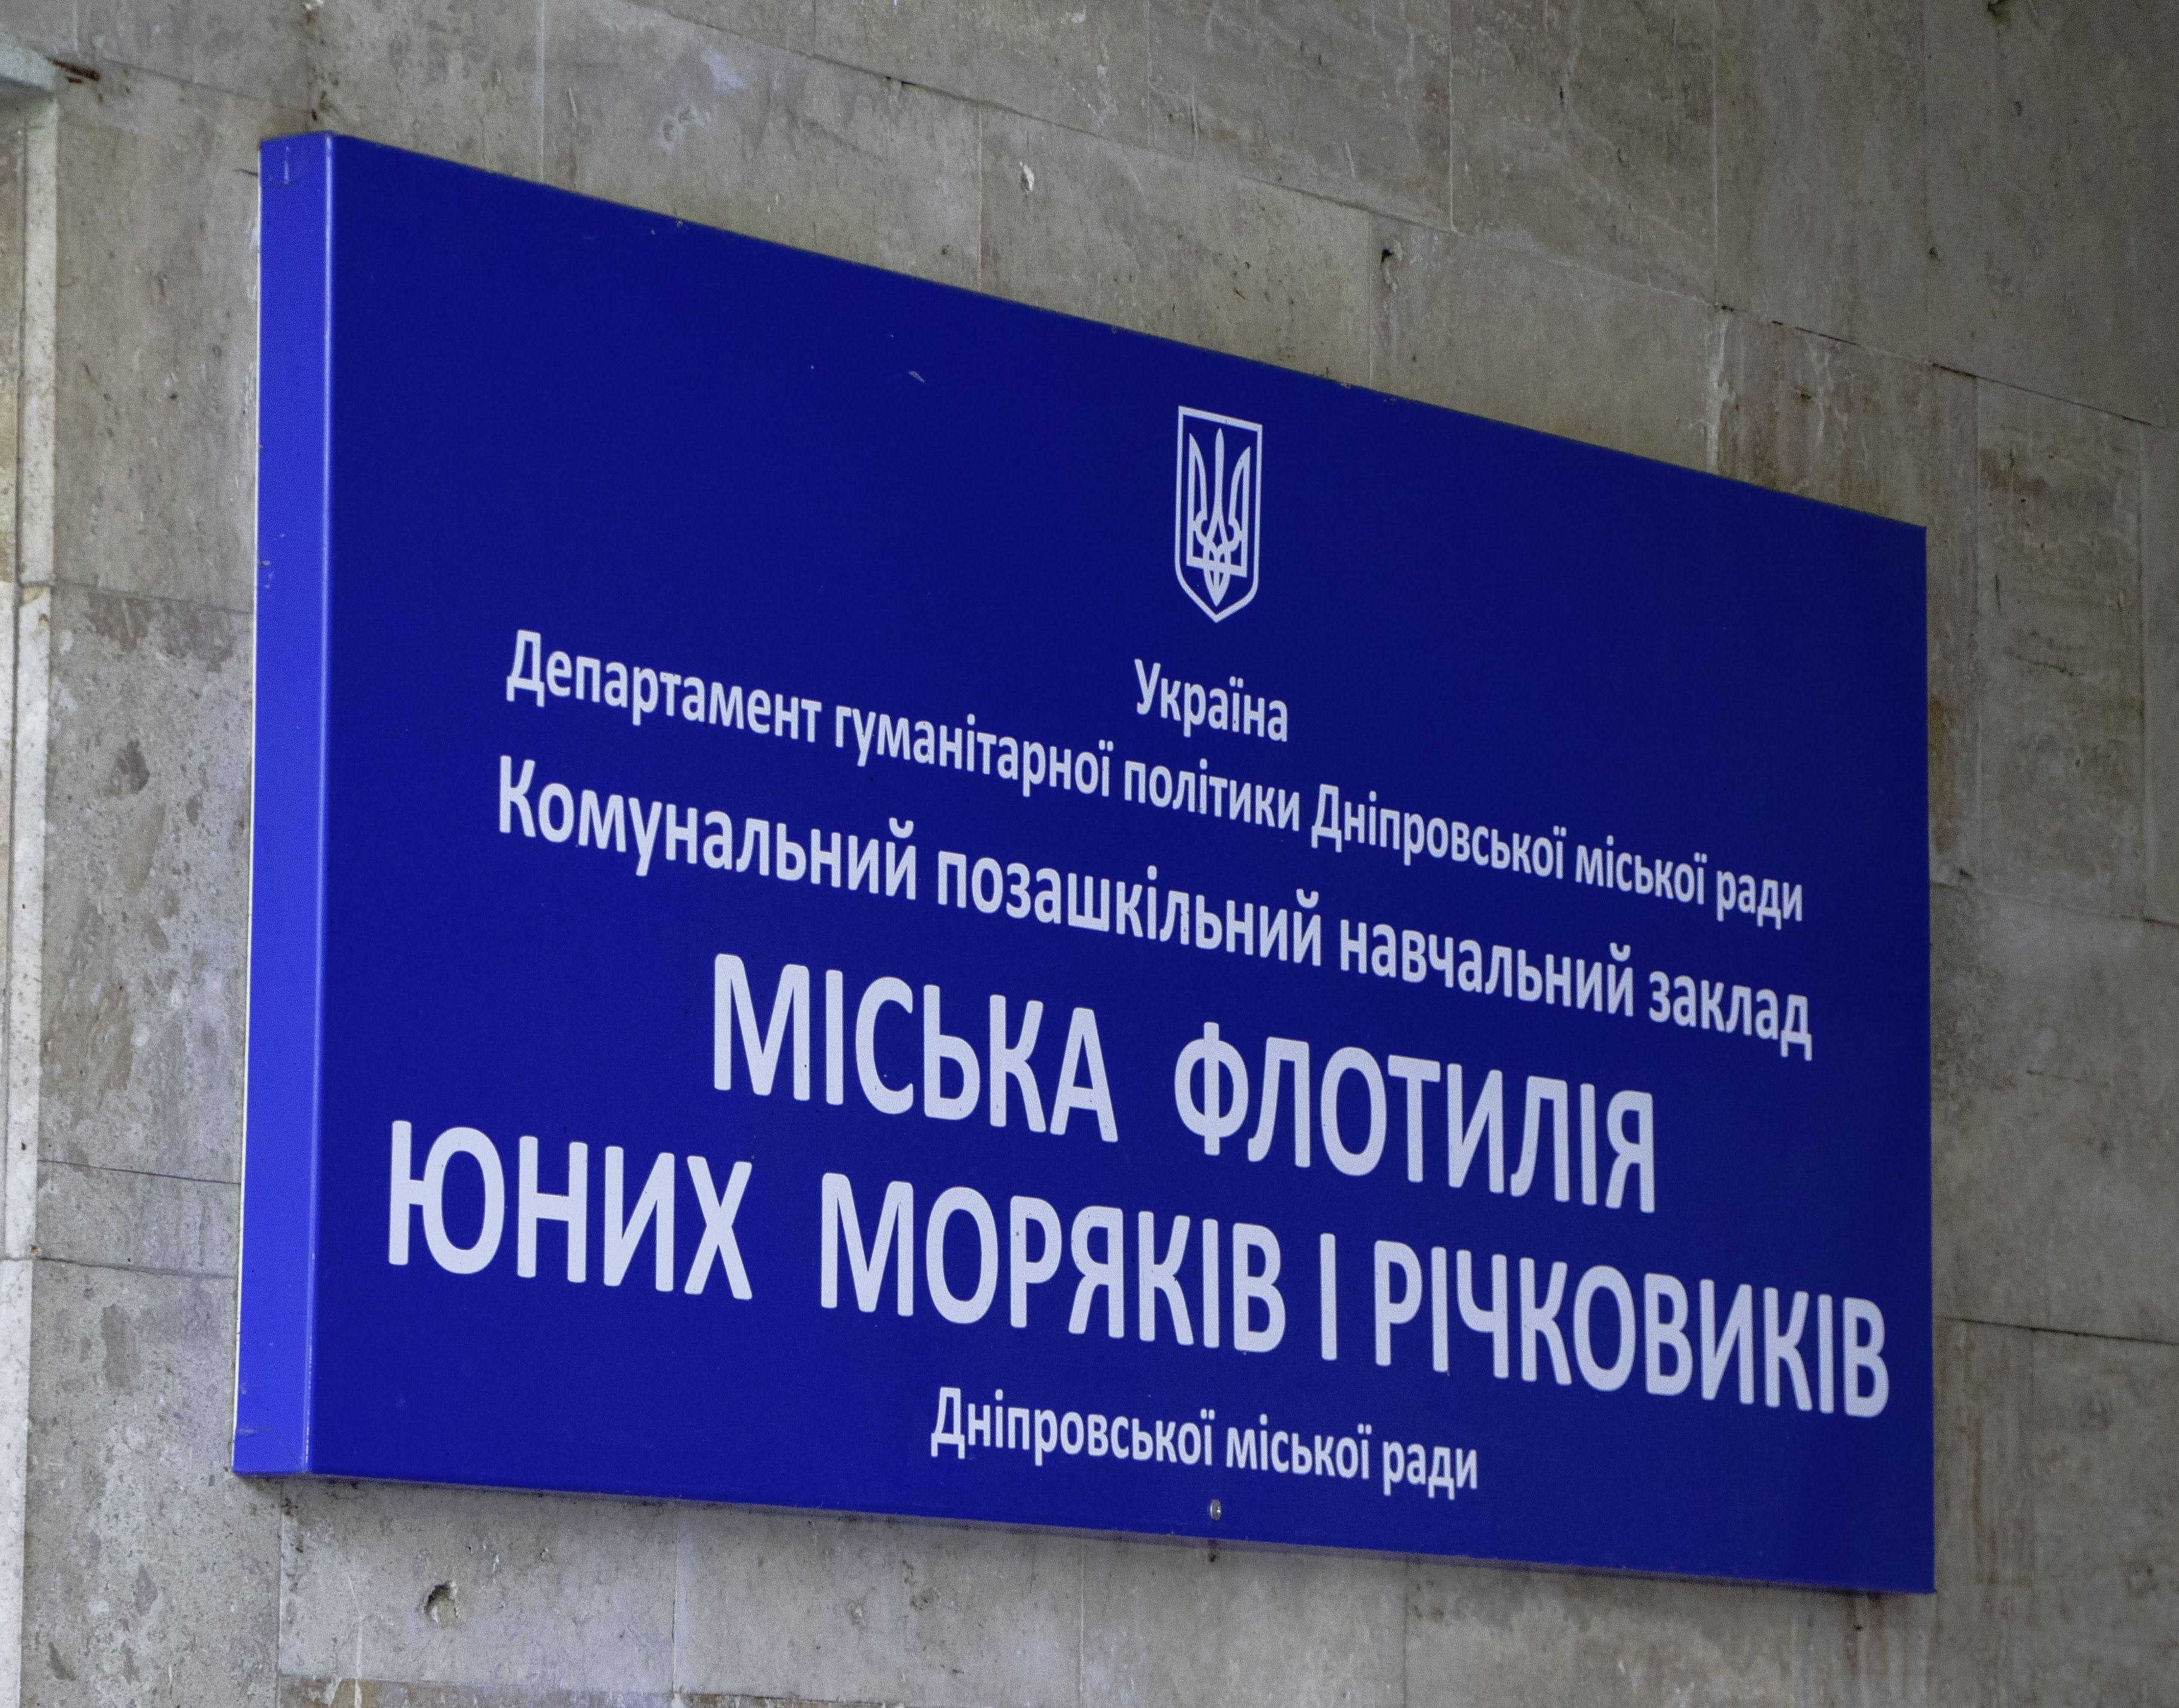 В Днепре продолжается реконструкция городской флотилии. Новости Днепра